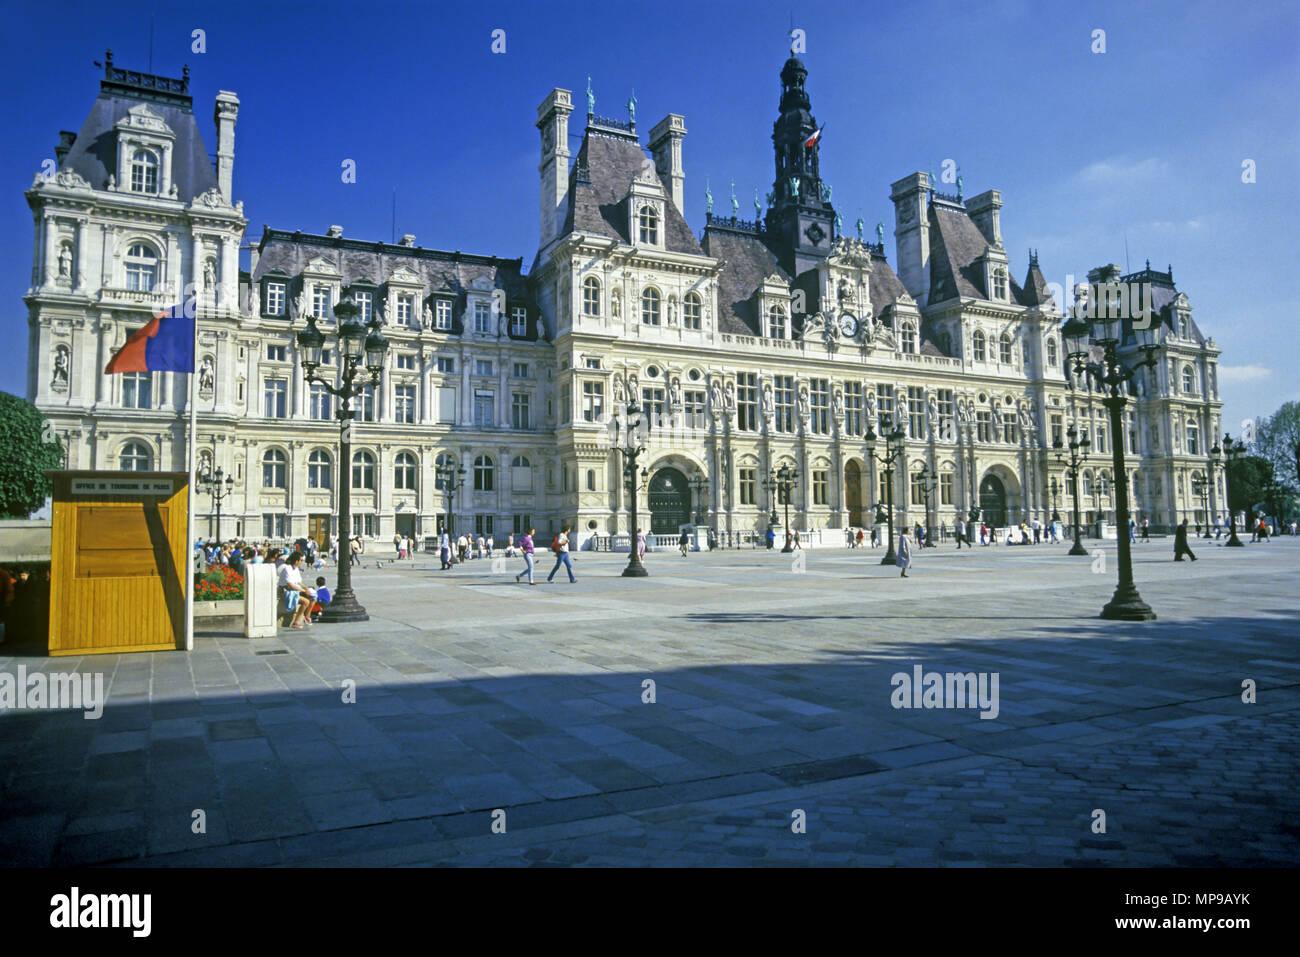 1988 HISTORICAL HOTEL DE VILLE ILE DE LA CITE PARIS FRANCE - Stock Image